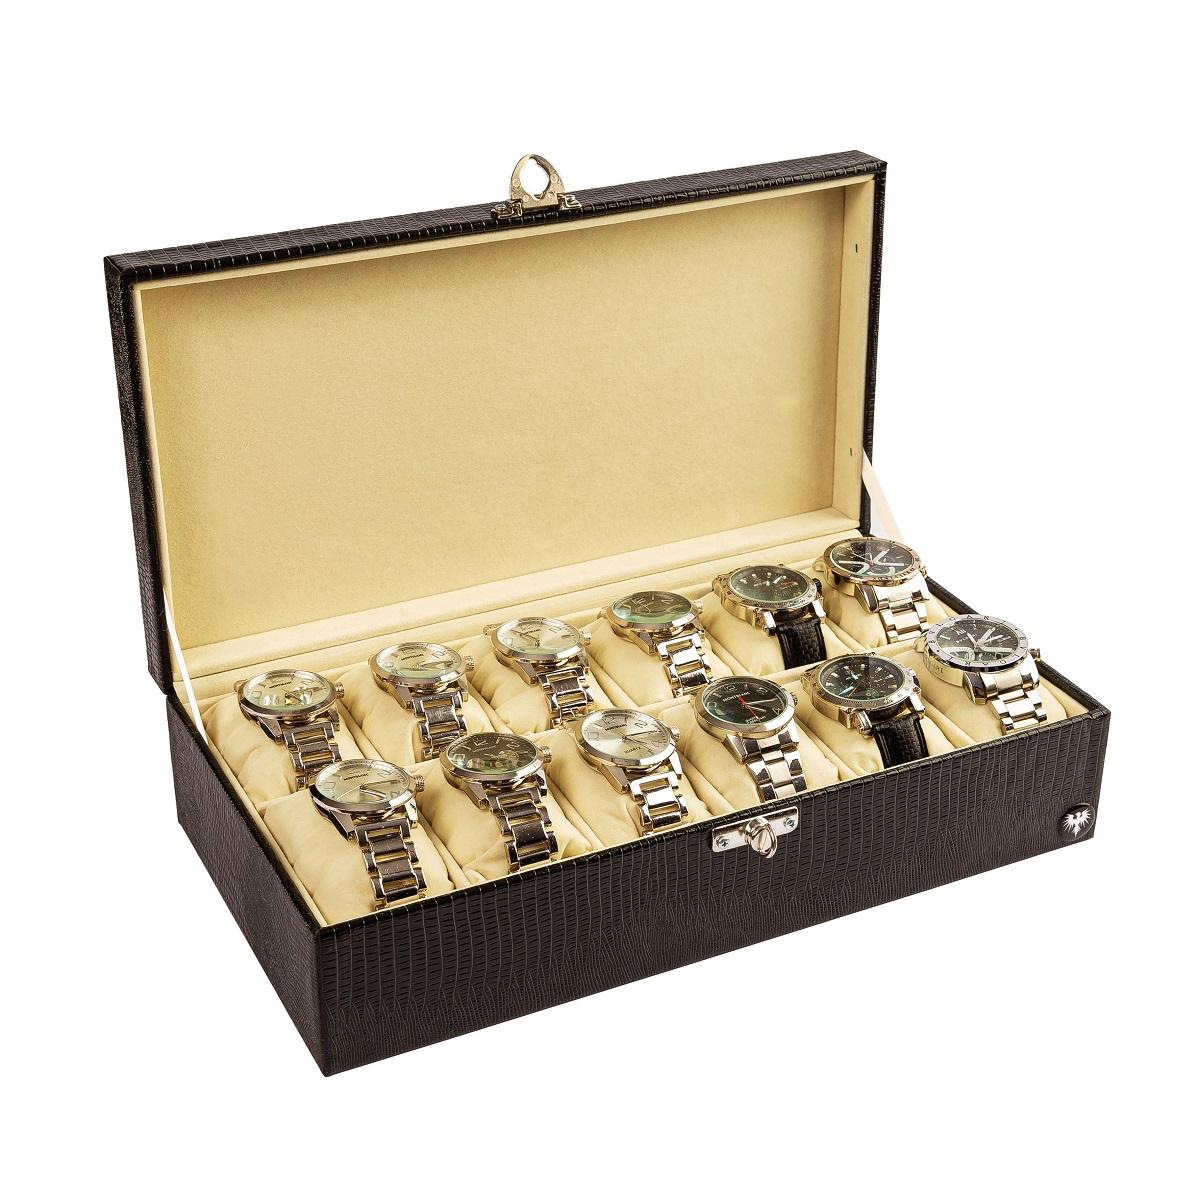 caixa-porta-relogio-12-nichos-couro-ecologico-preto-bege-imagem-6.jpg